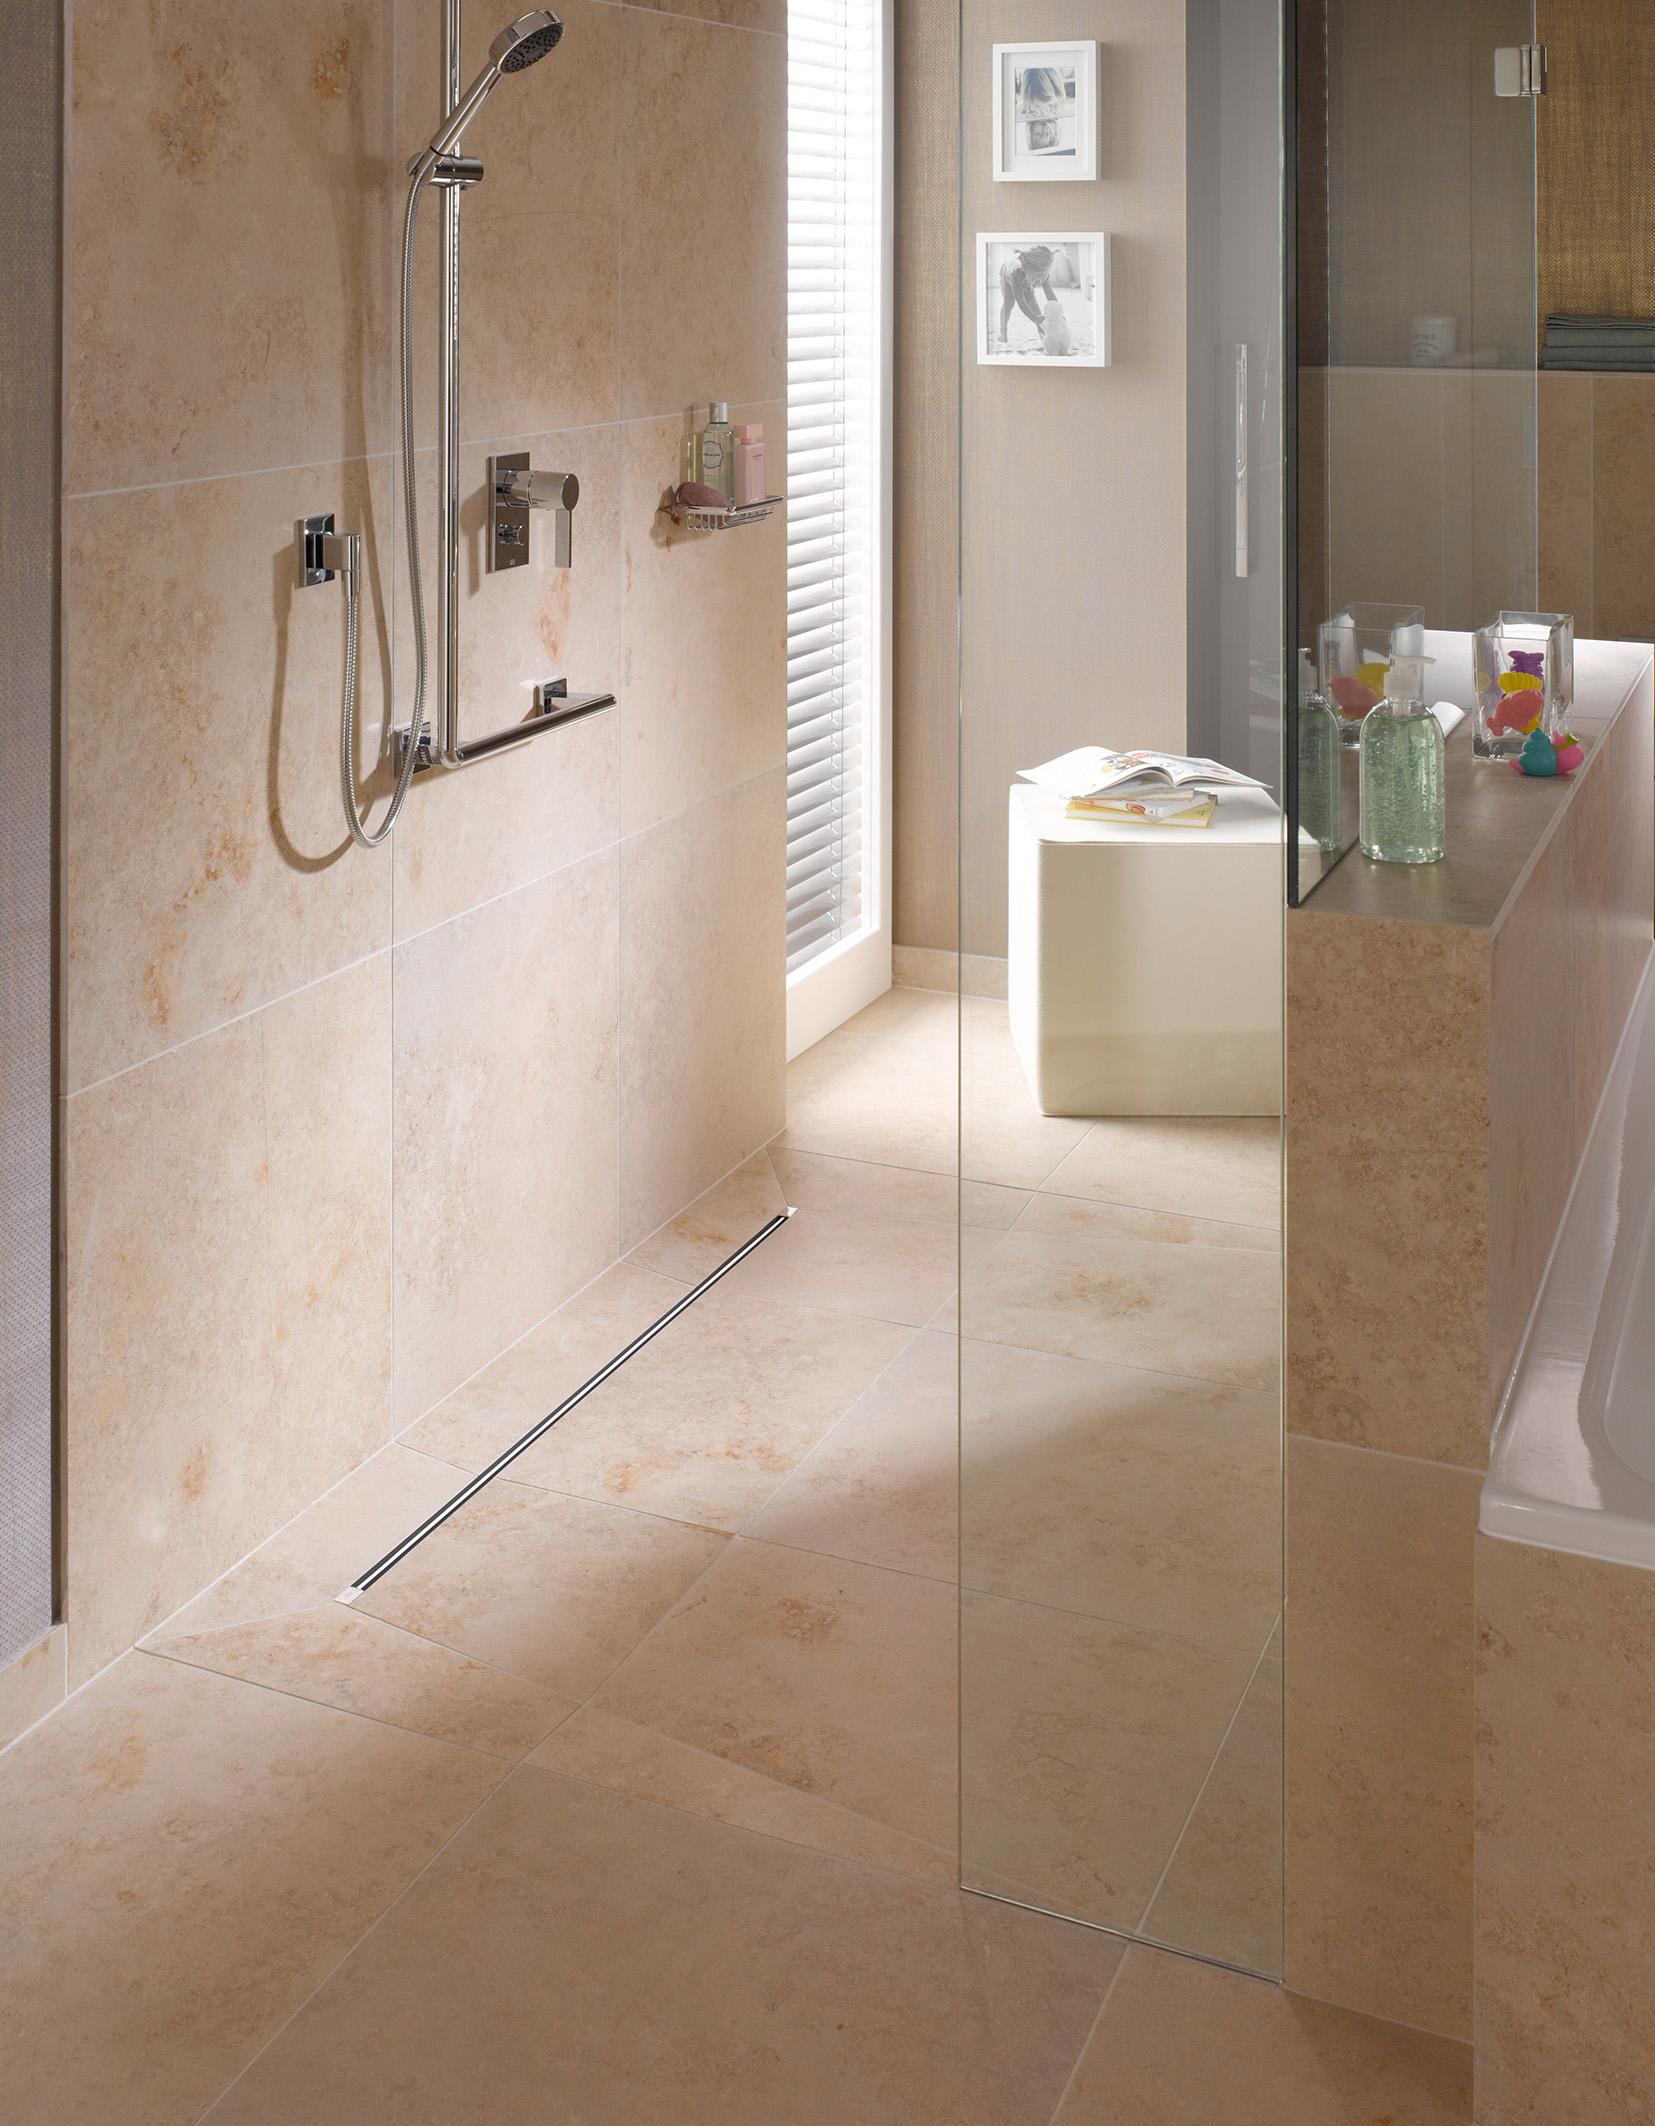 Een comfortabele badkamer voor jong en oud met viega nieuws startpagina voor badkamer idee n - Moderne badkamer met italiaanse douche ...